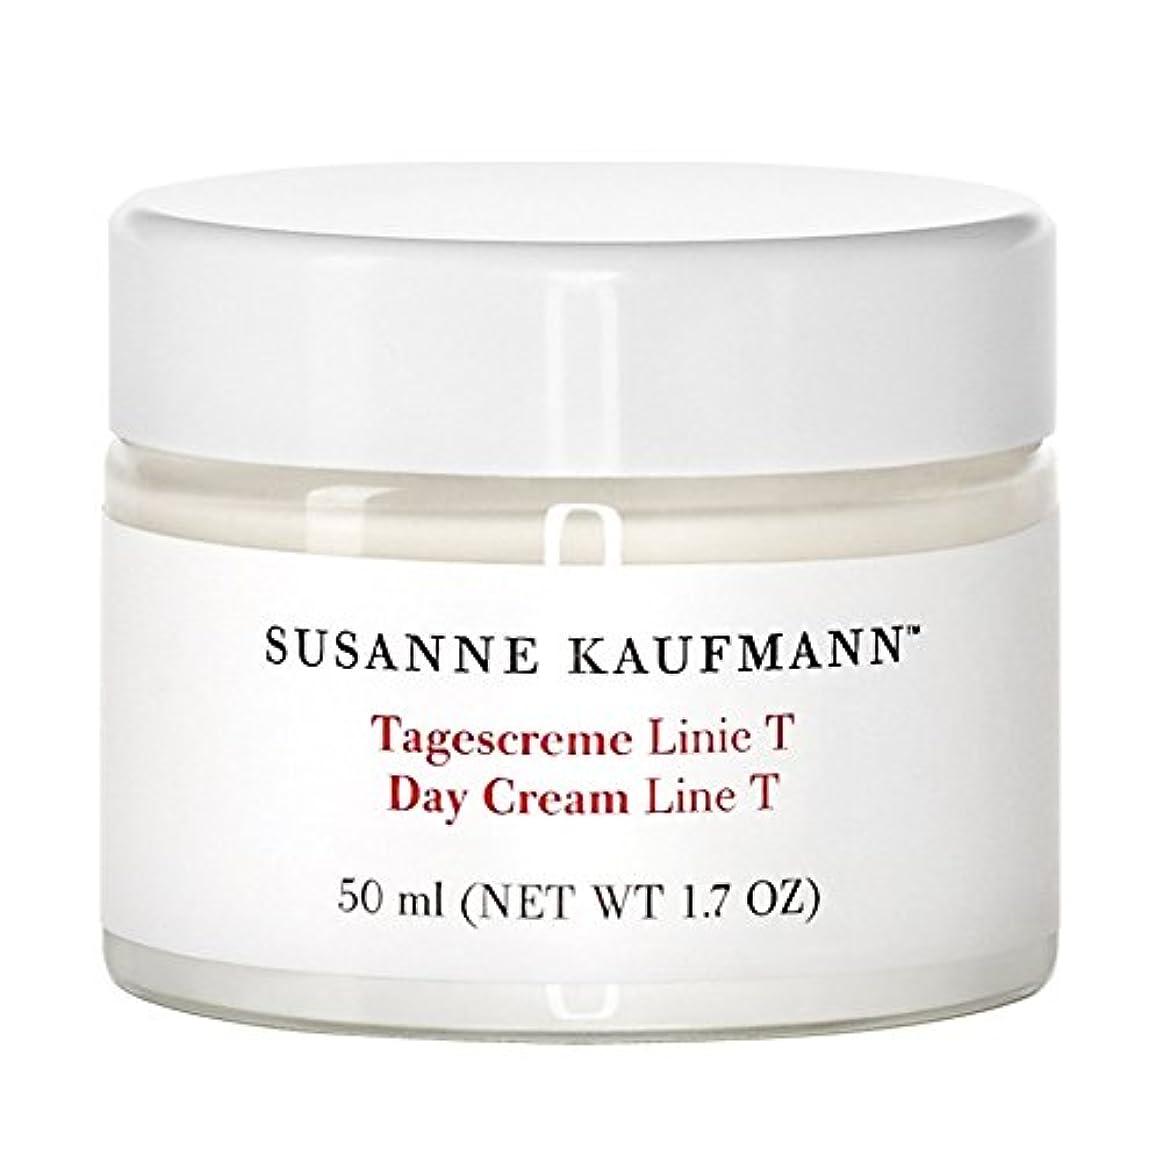 グレード大型トラックバリアSusanne Kaufmann Day Cream Line T 50ml - スザンヌカウフマン日クリームライントンの50ミリリットル [並行輸入品]